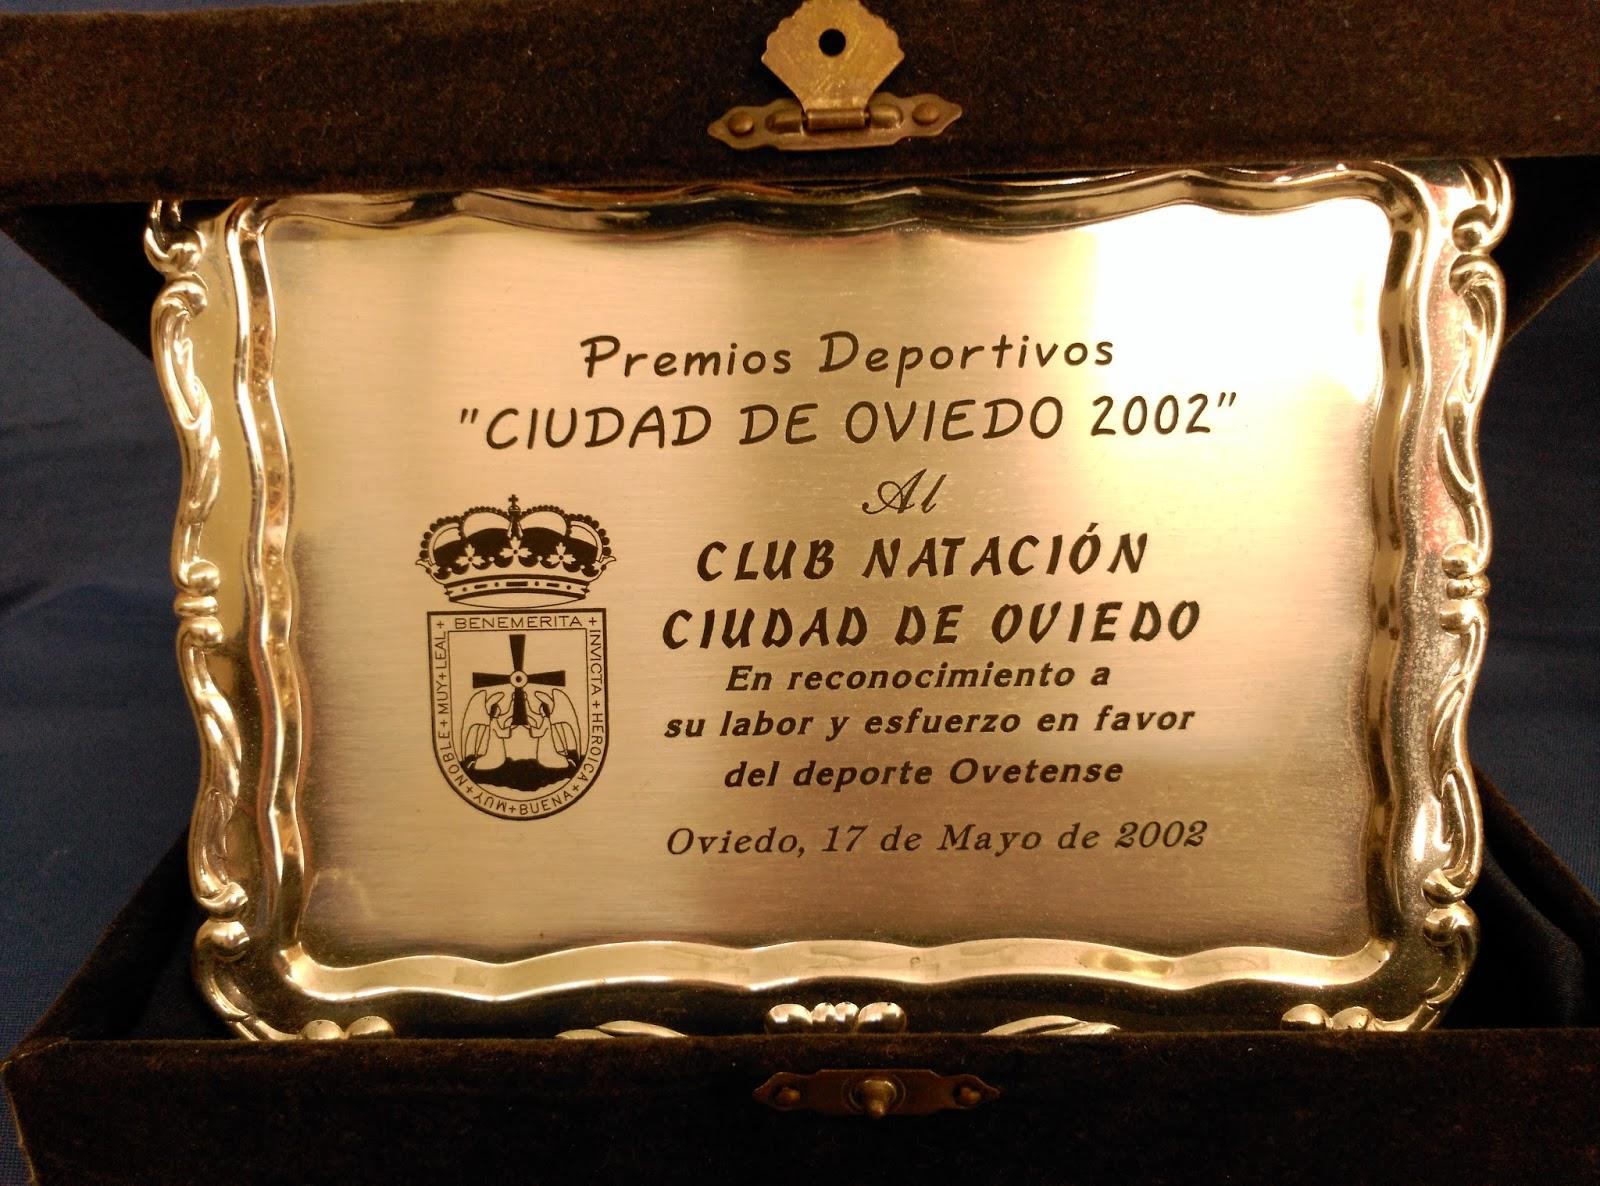 Club nataci n ciudad de oviedo coleccion de trofeos en la for Oficina empleo oviedo